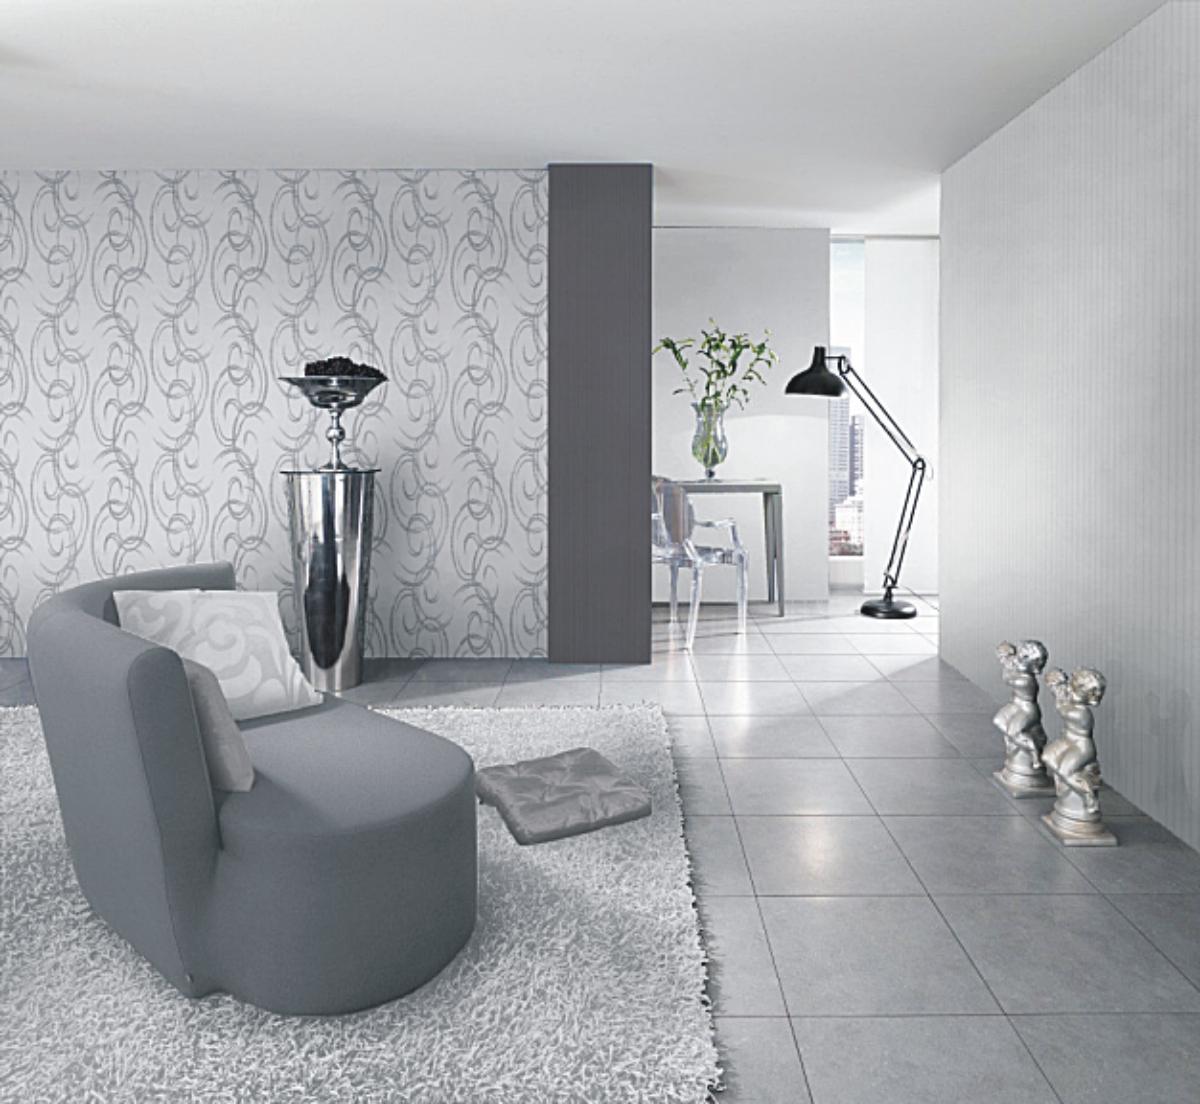 barbara becker 2014 768800 rasch tapeten vlies neu. Black Bedroom Furniture Sets. Home Design Ideas